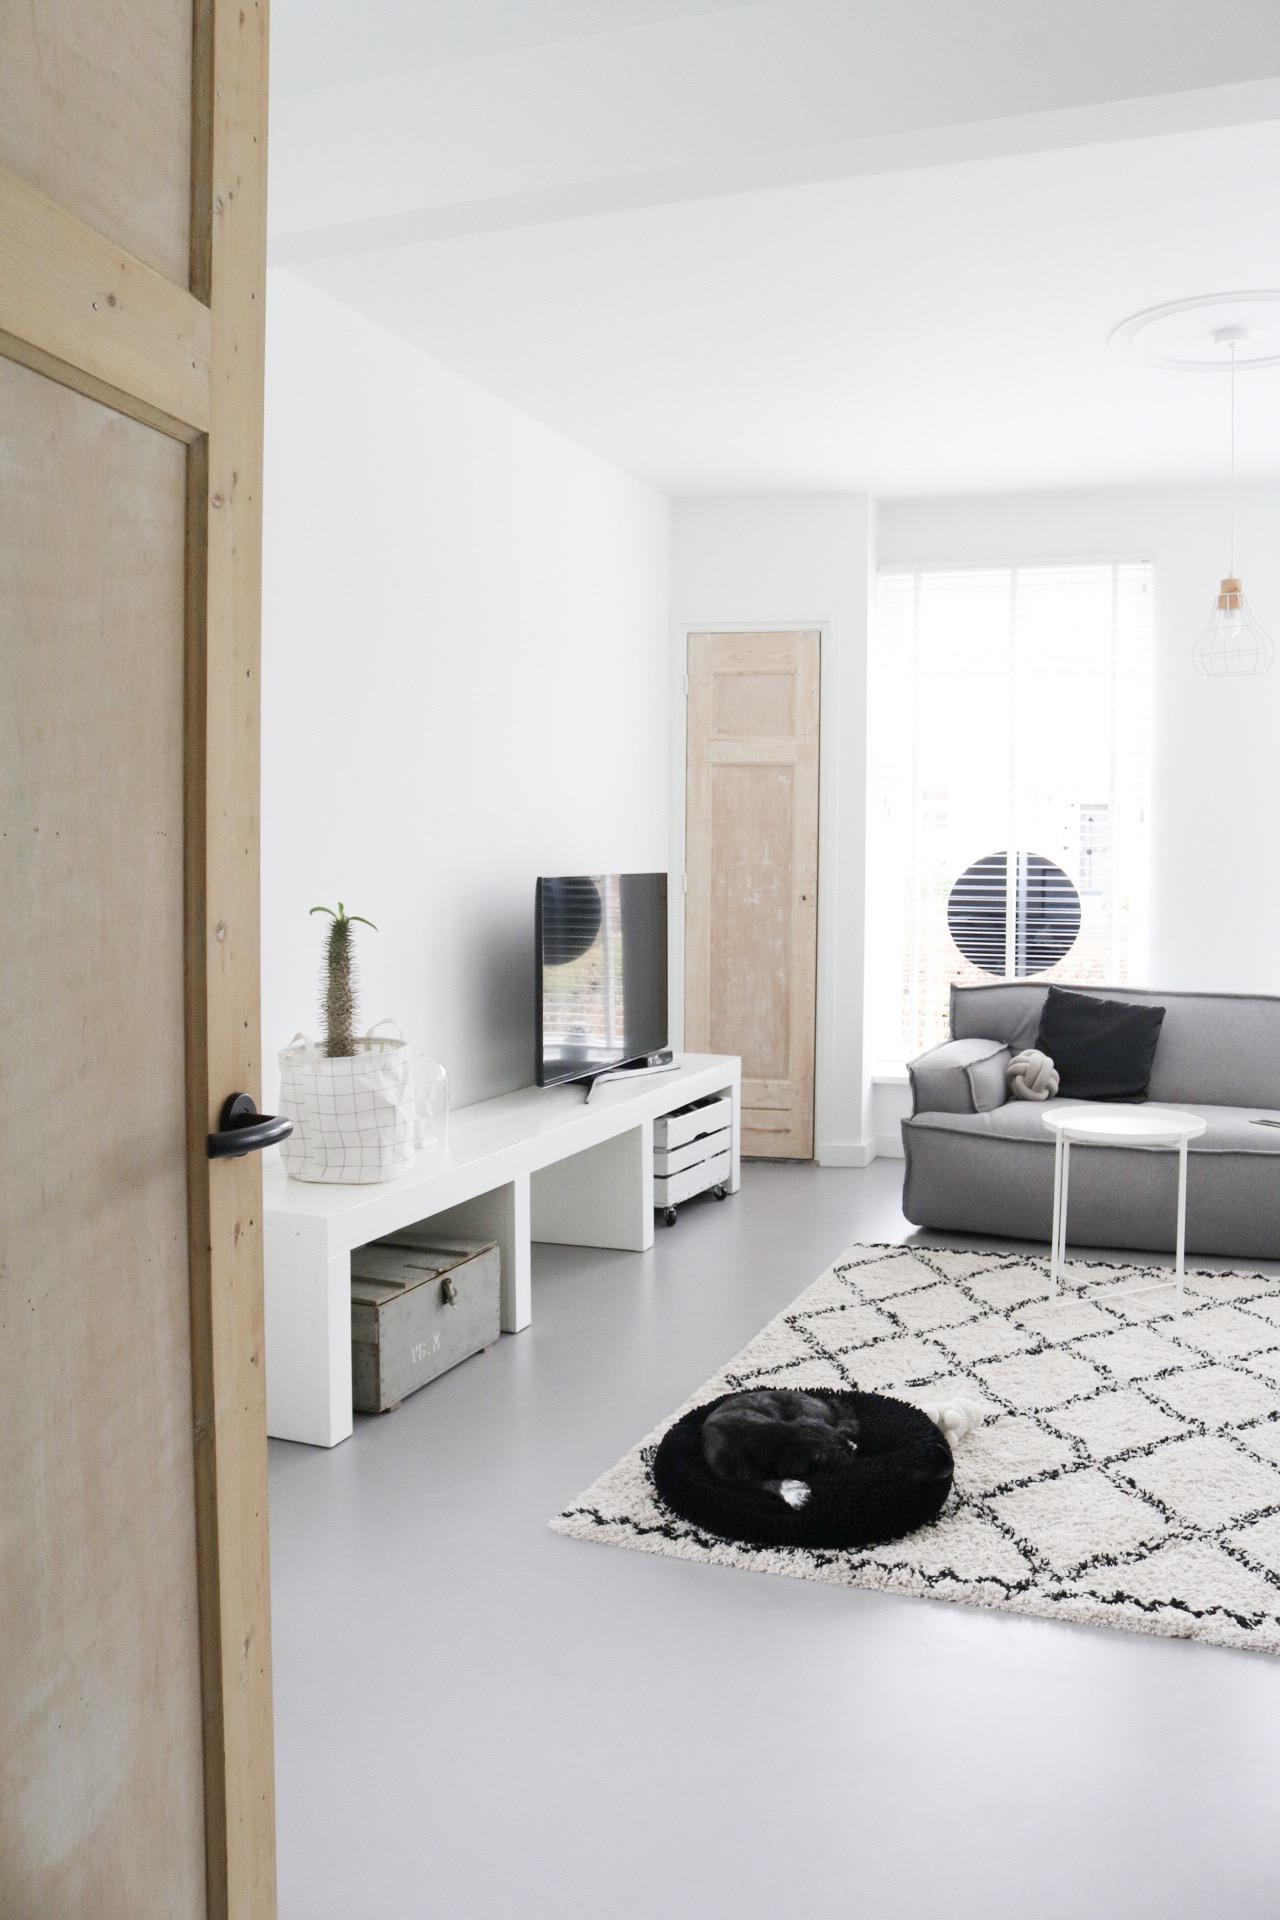 merlin, binnenkijken, huisje, renovatie, oude deuren